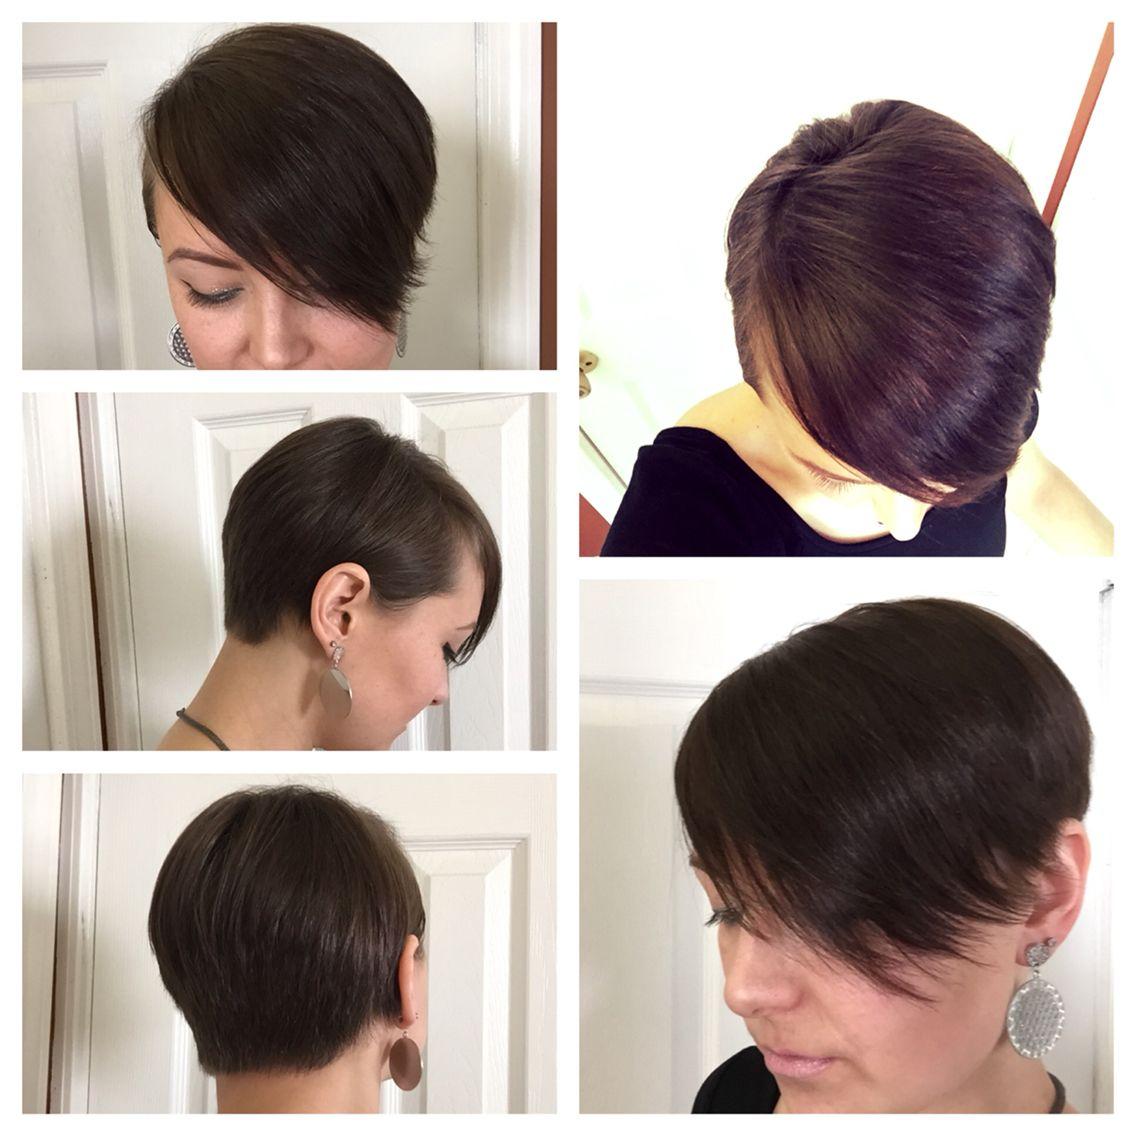 Short Hairstyle Pixie Haircut Asymmetrical Hair Cut For A Round